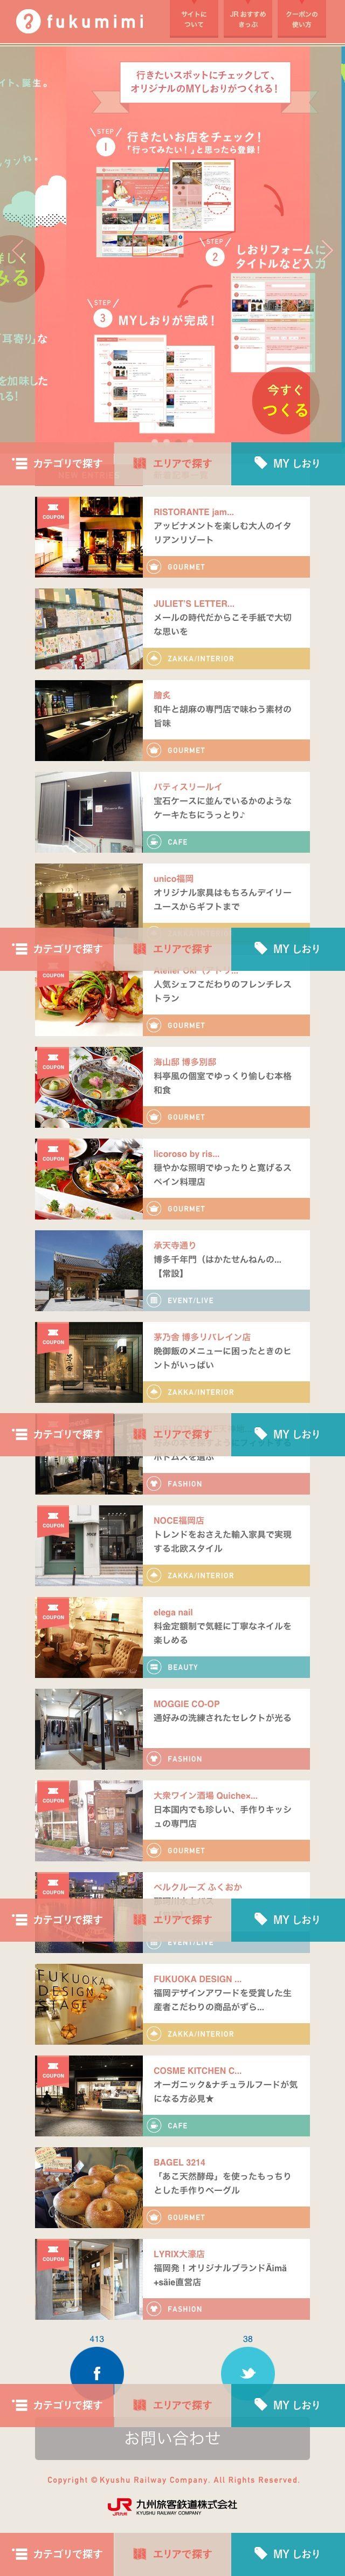 http://www.jr-fukumimi.com/_sp/